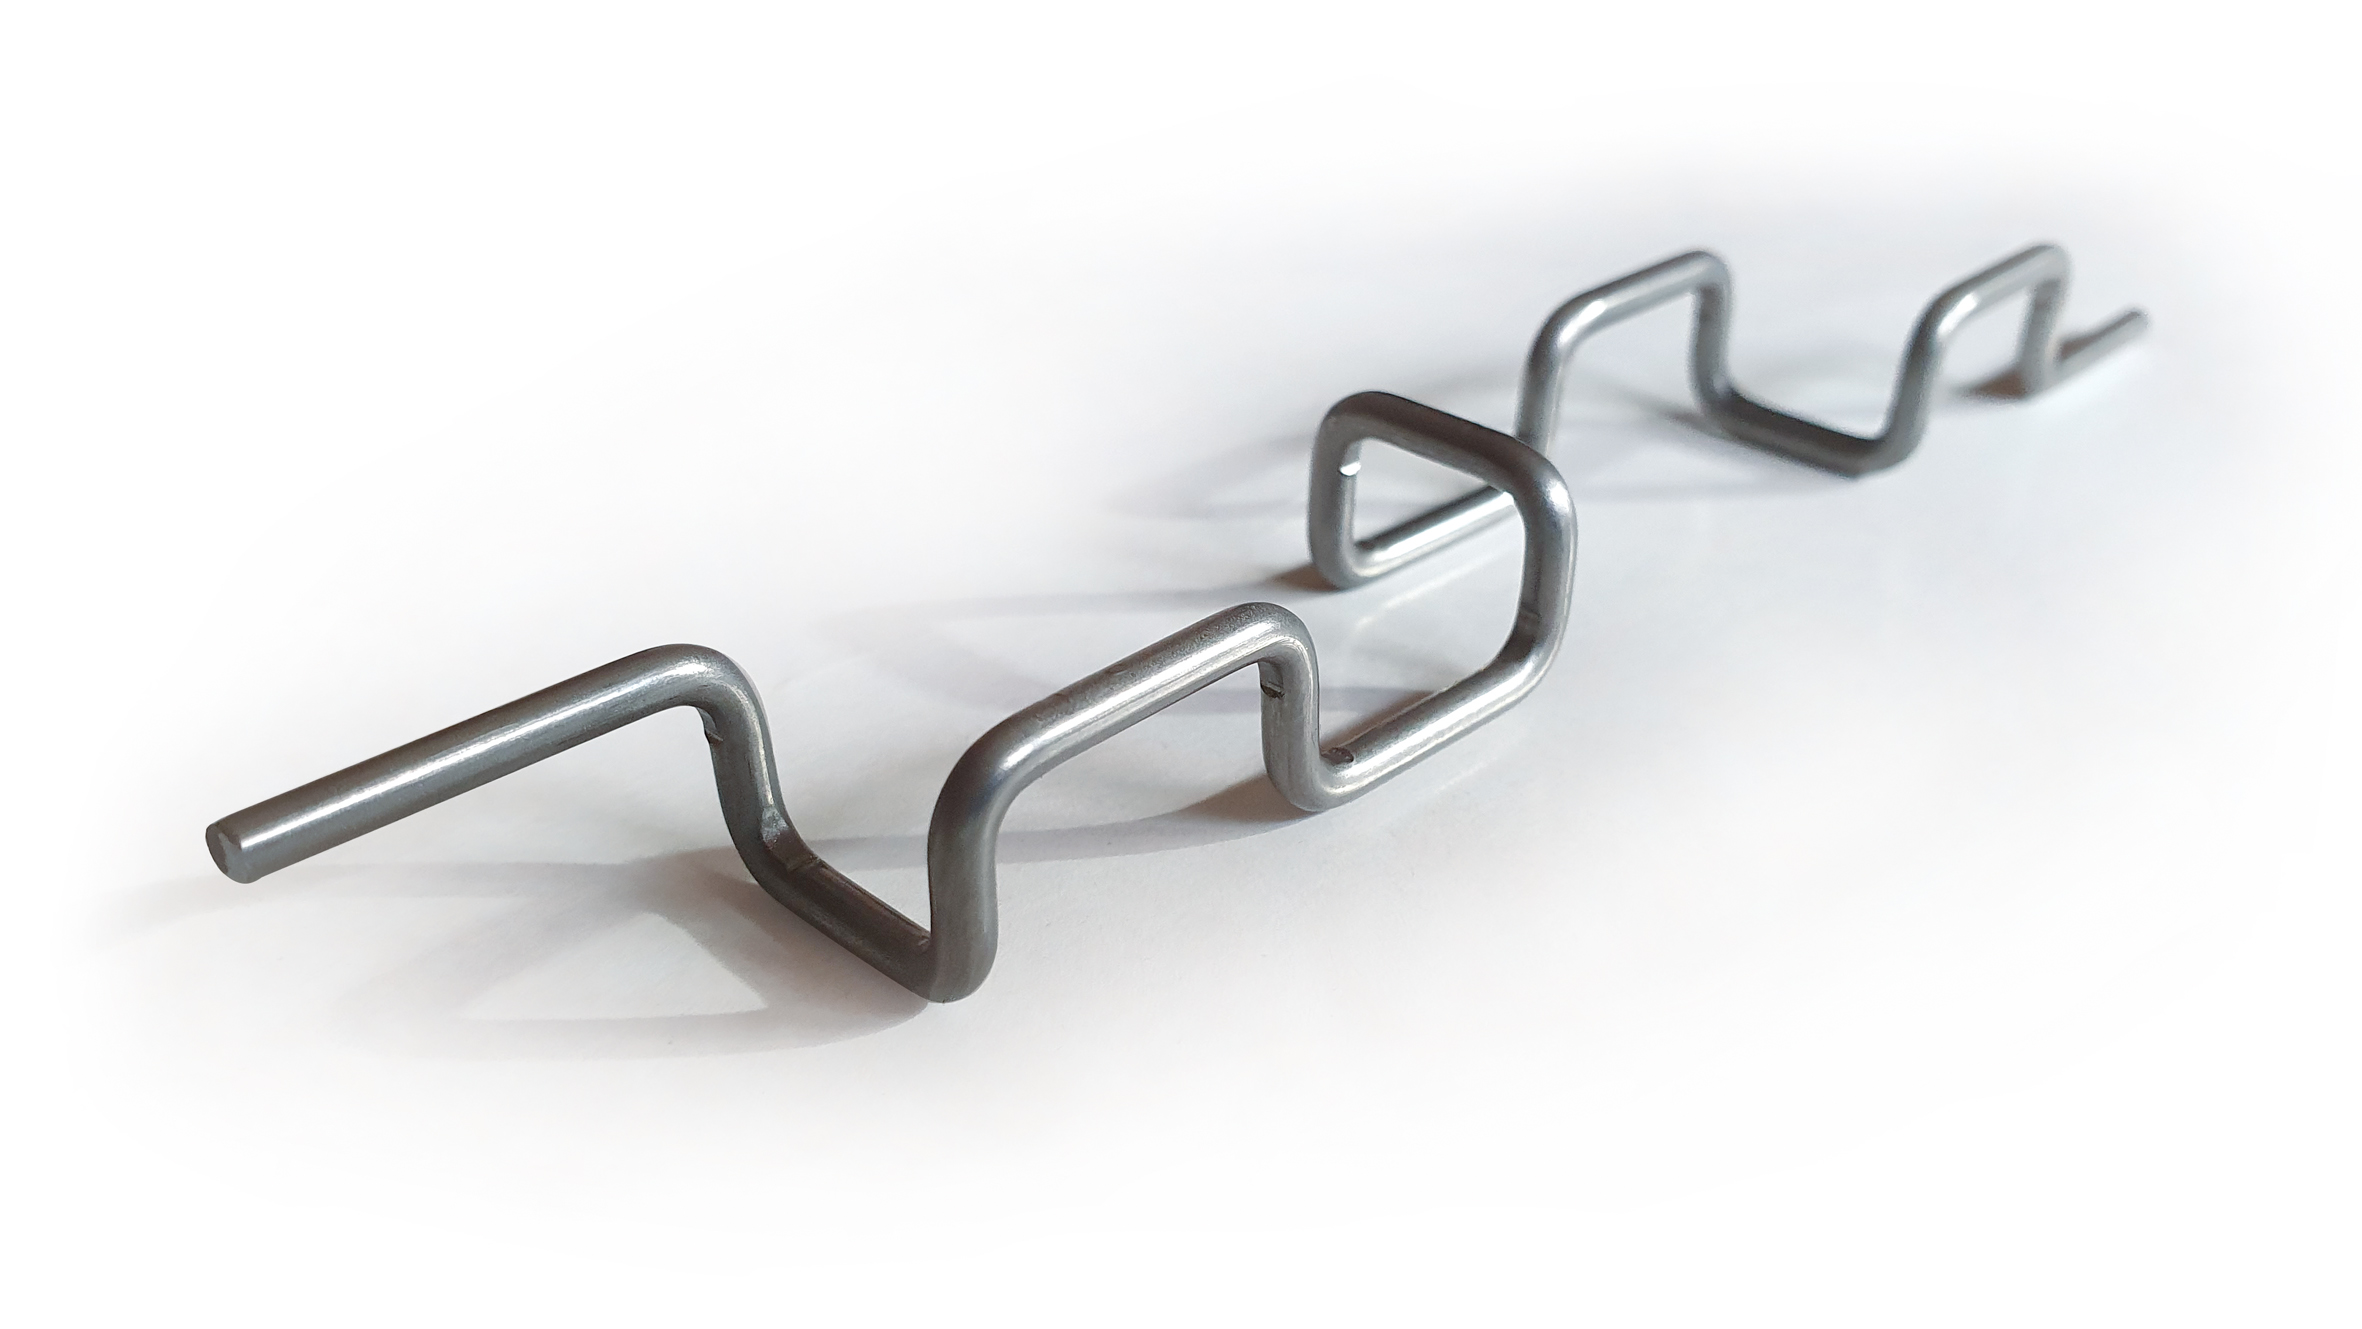 3D bent wire